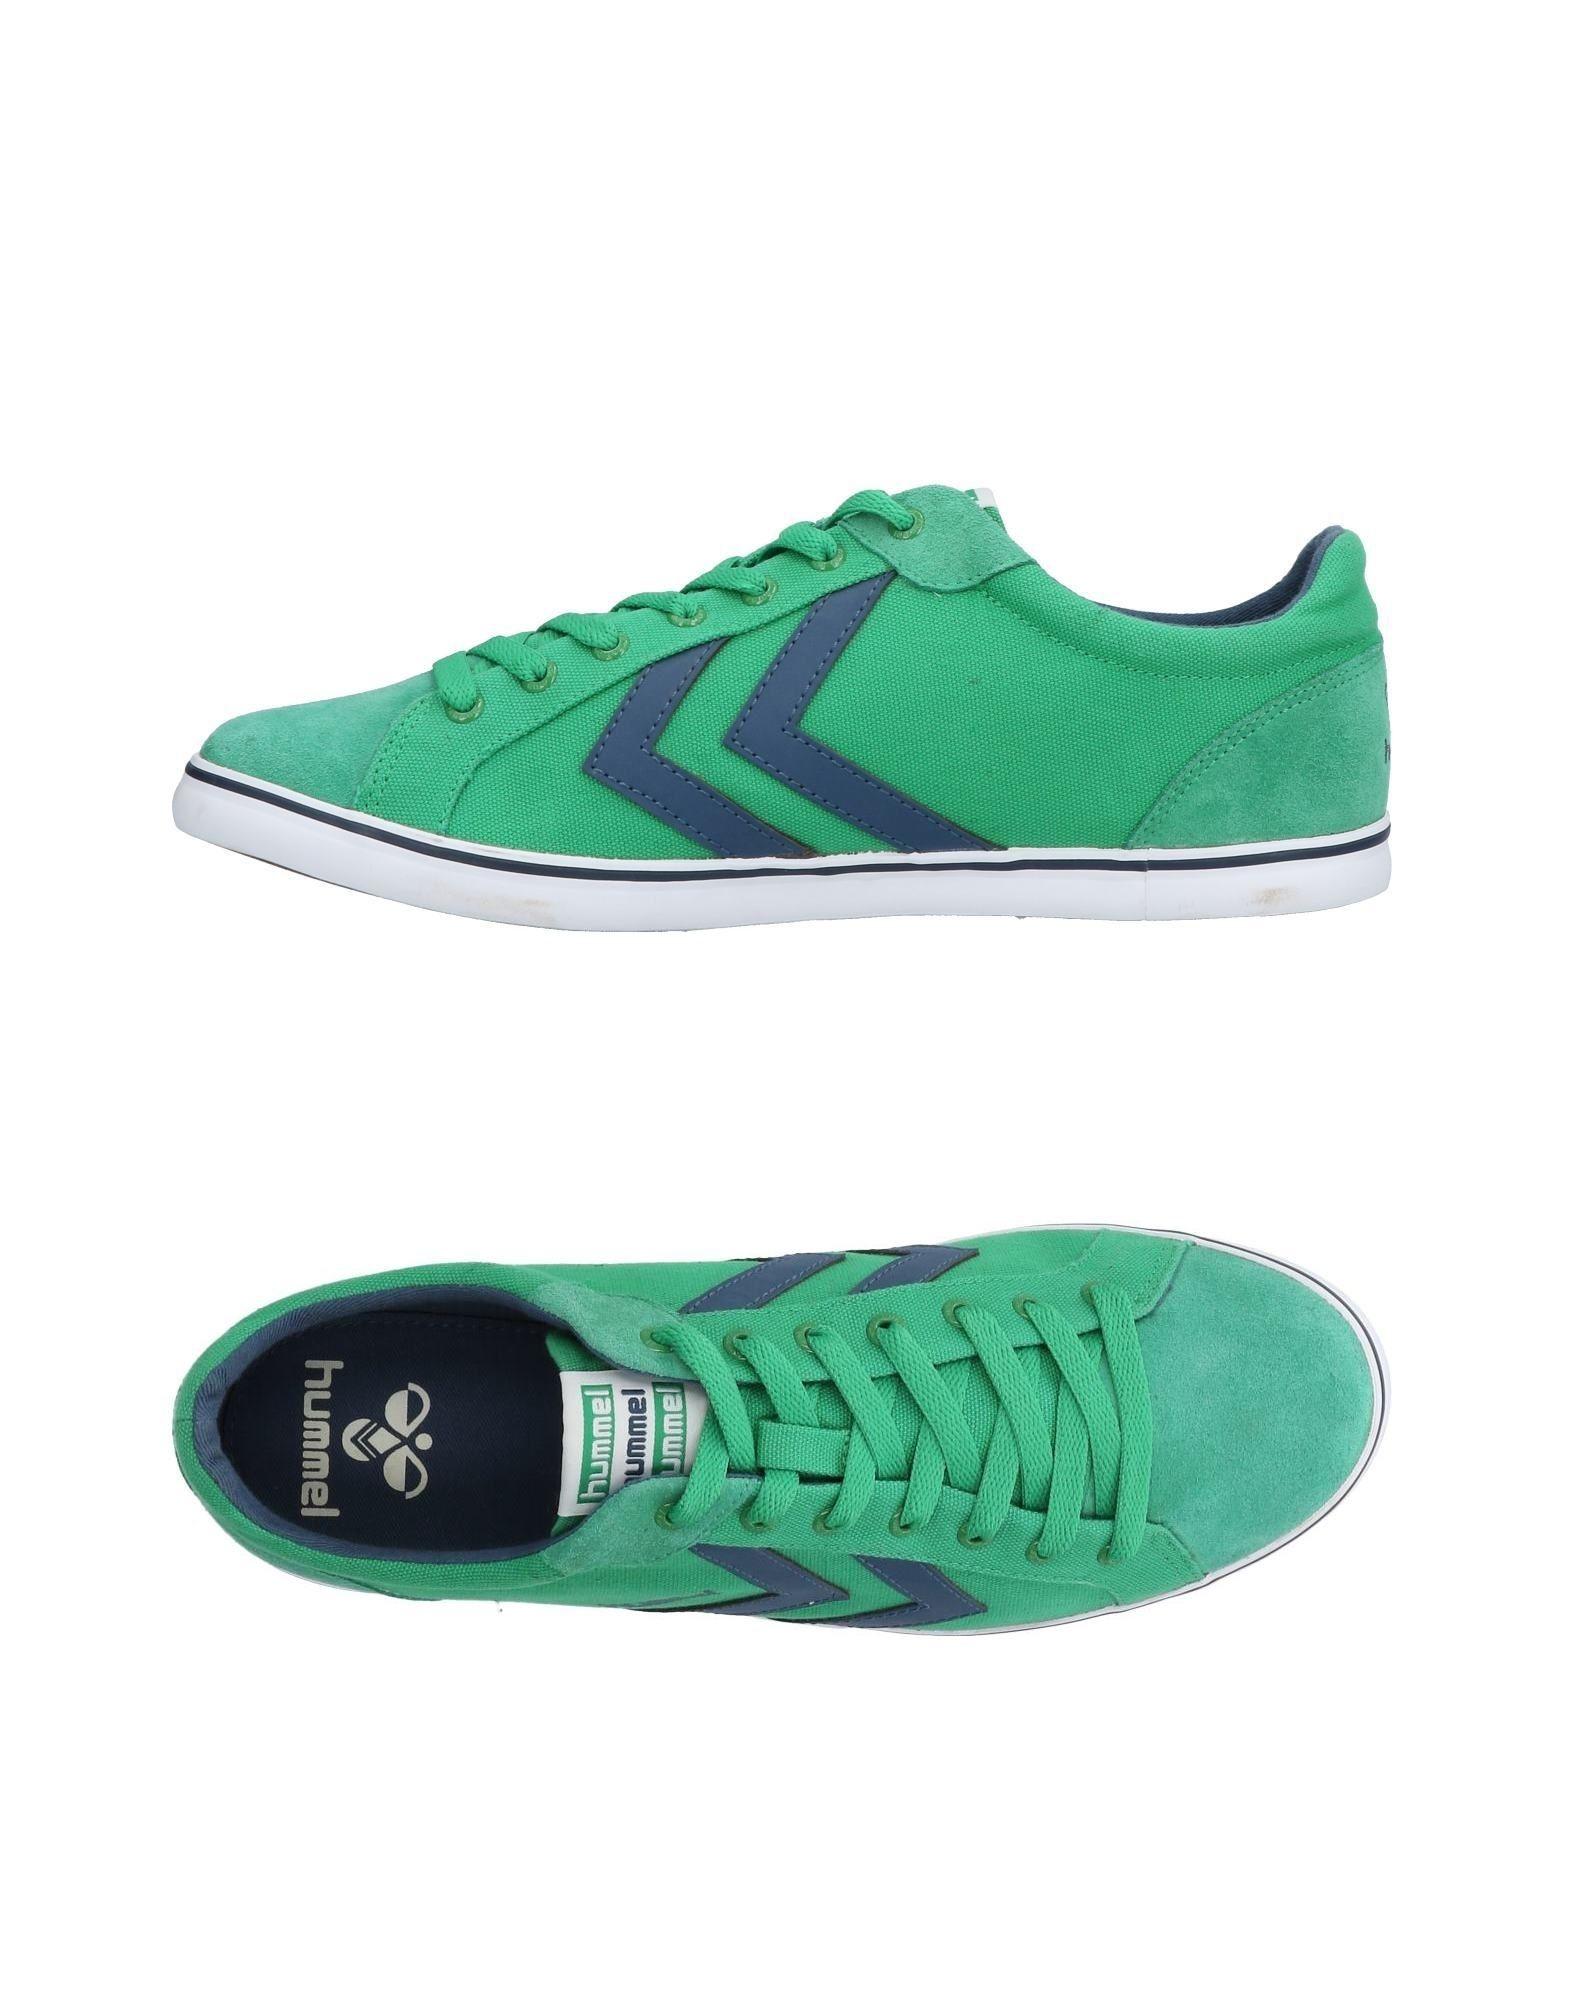 Sneakers Hummel Homme - Sneakers Hummel  Vert Remise de marque